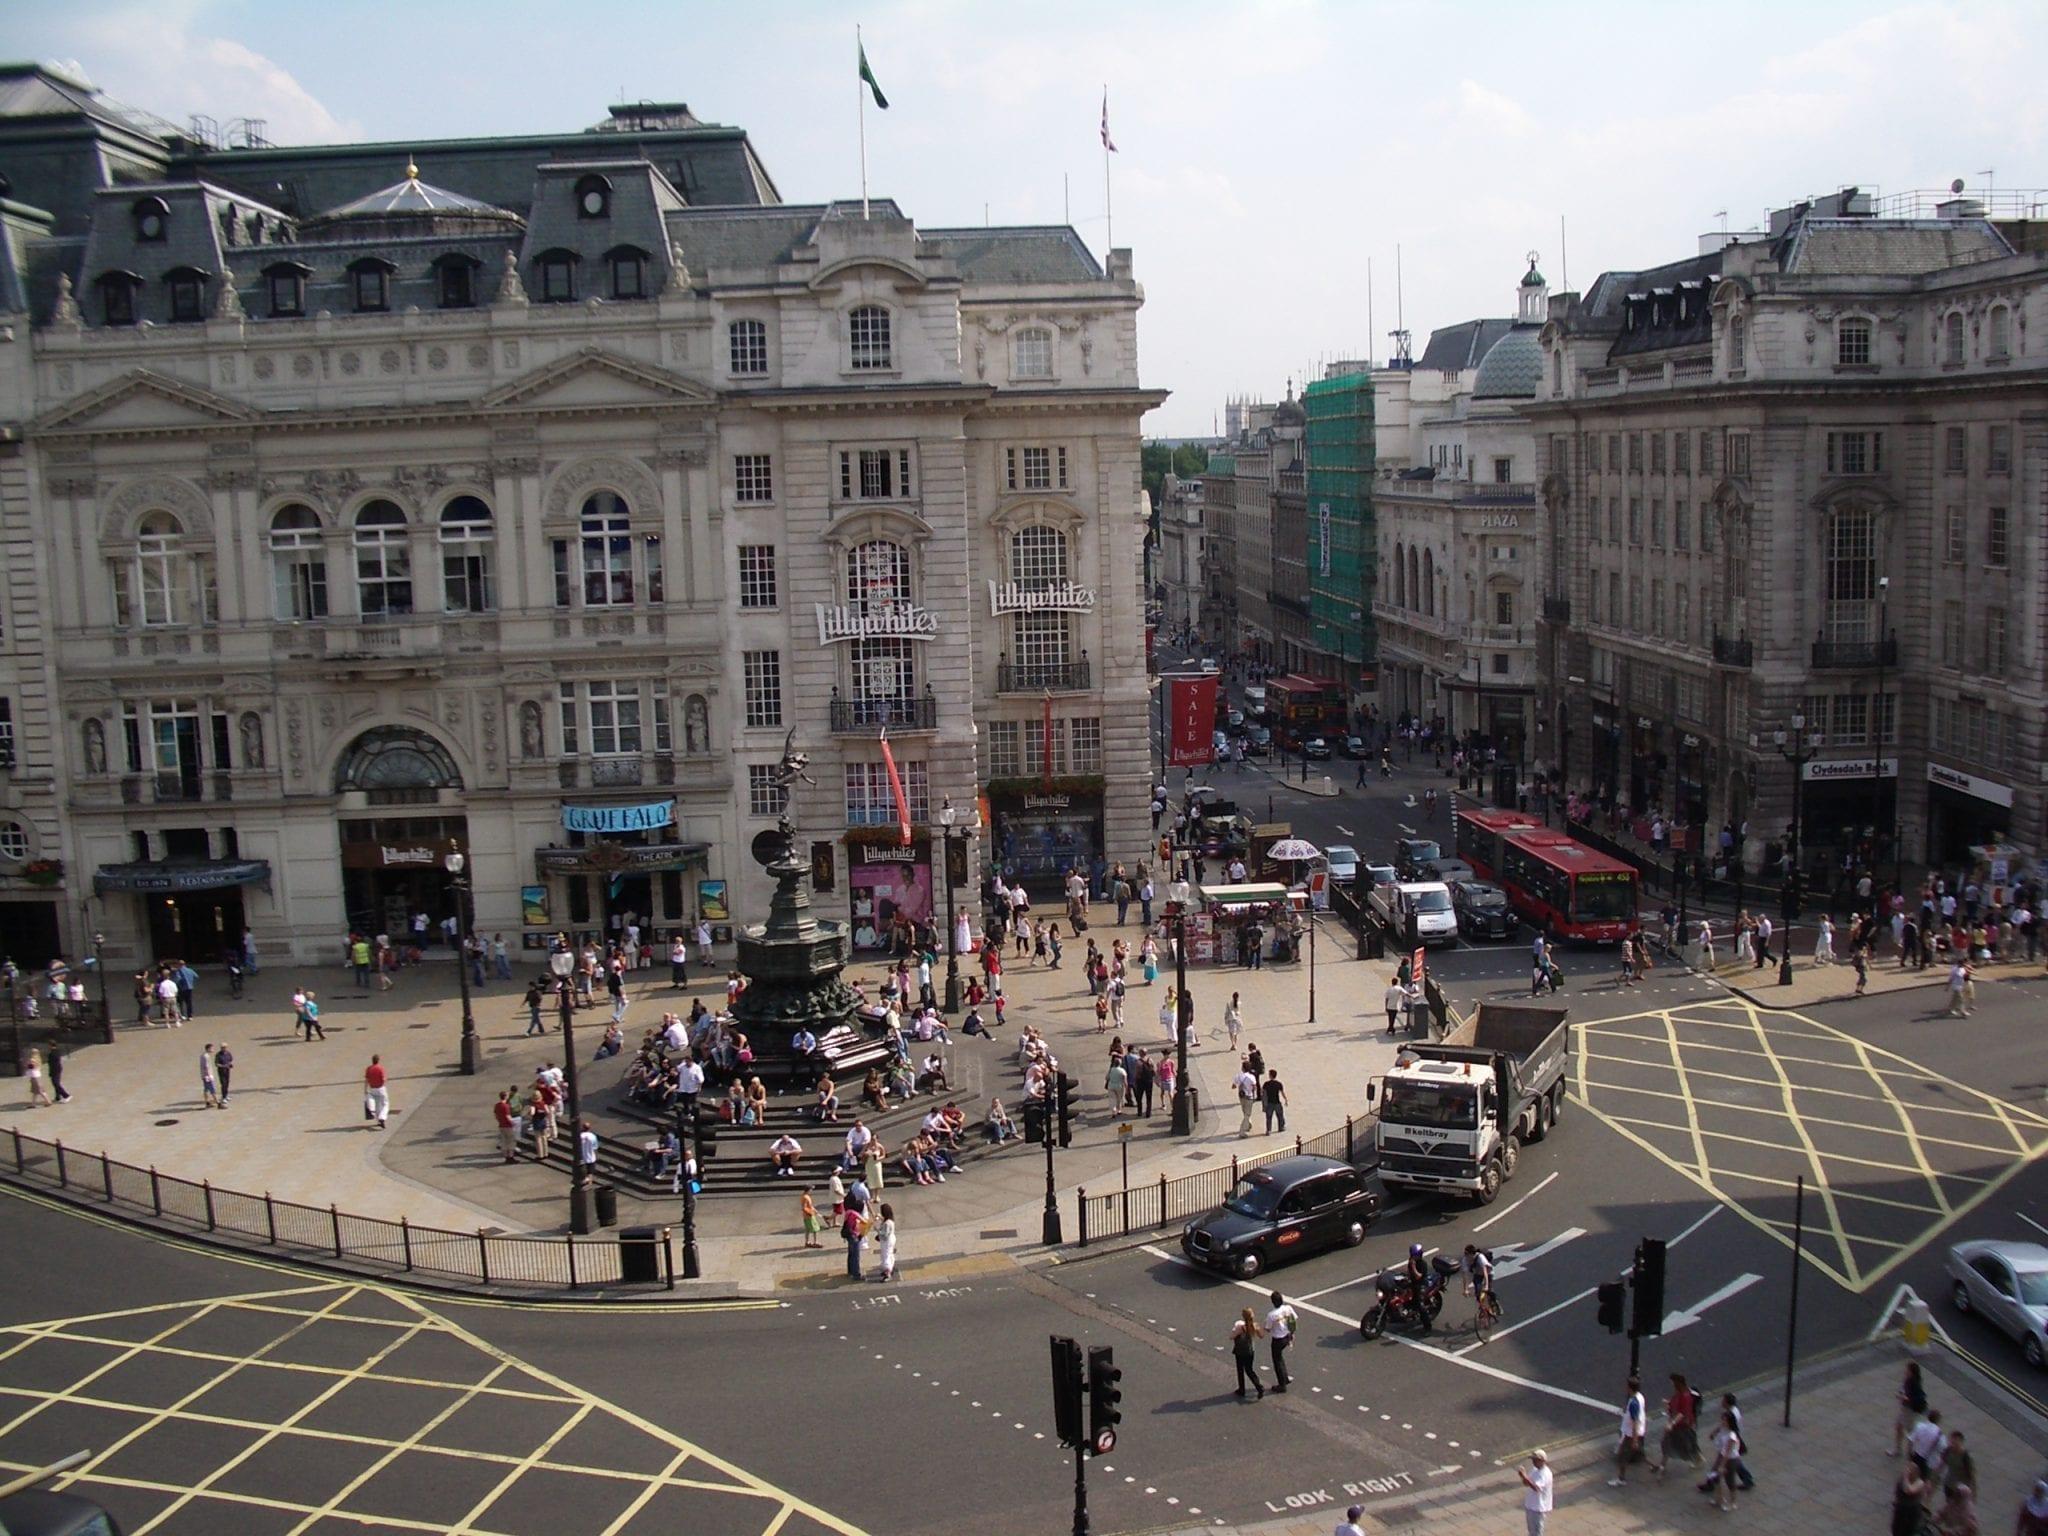 Visitar centro comercial en Piccadilly Circus